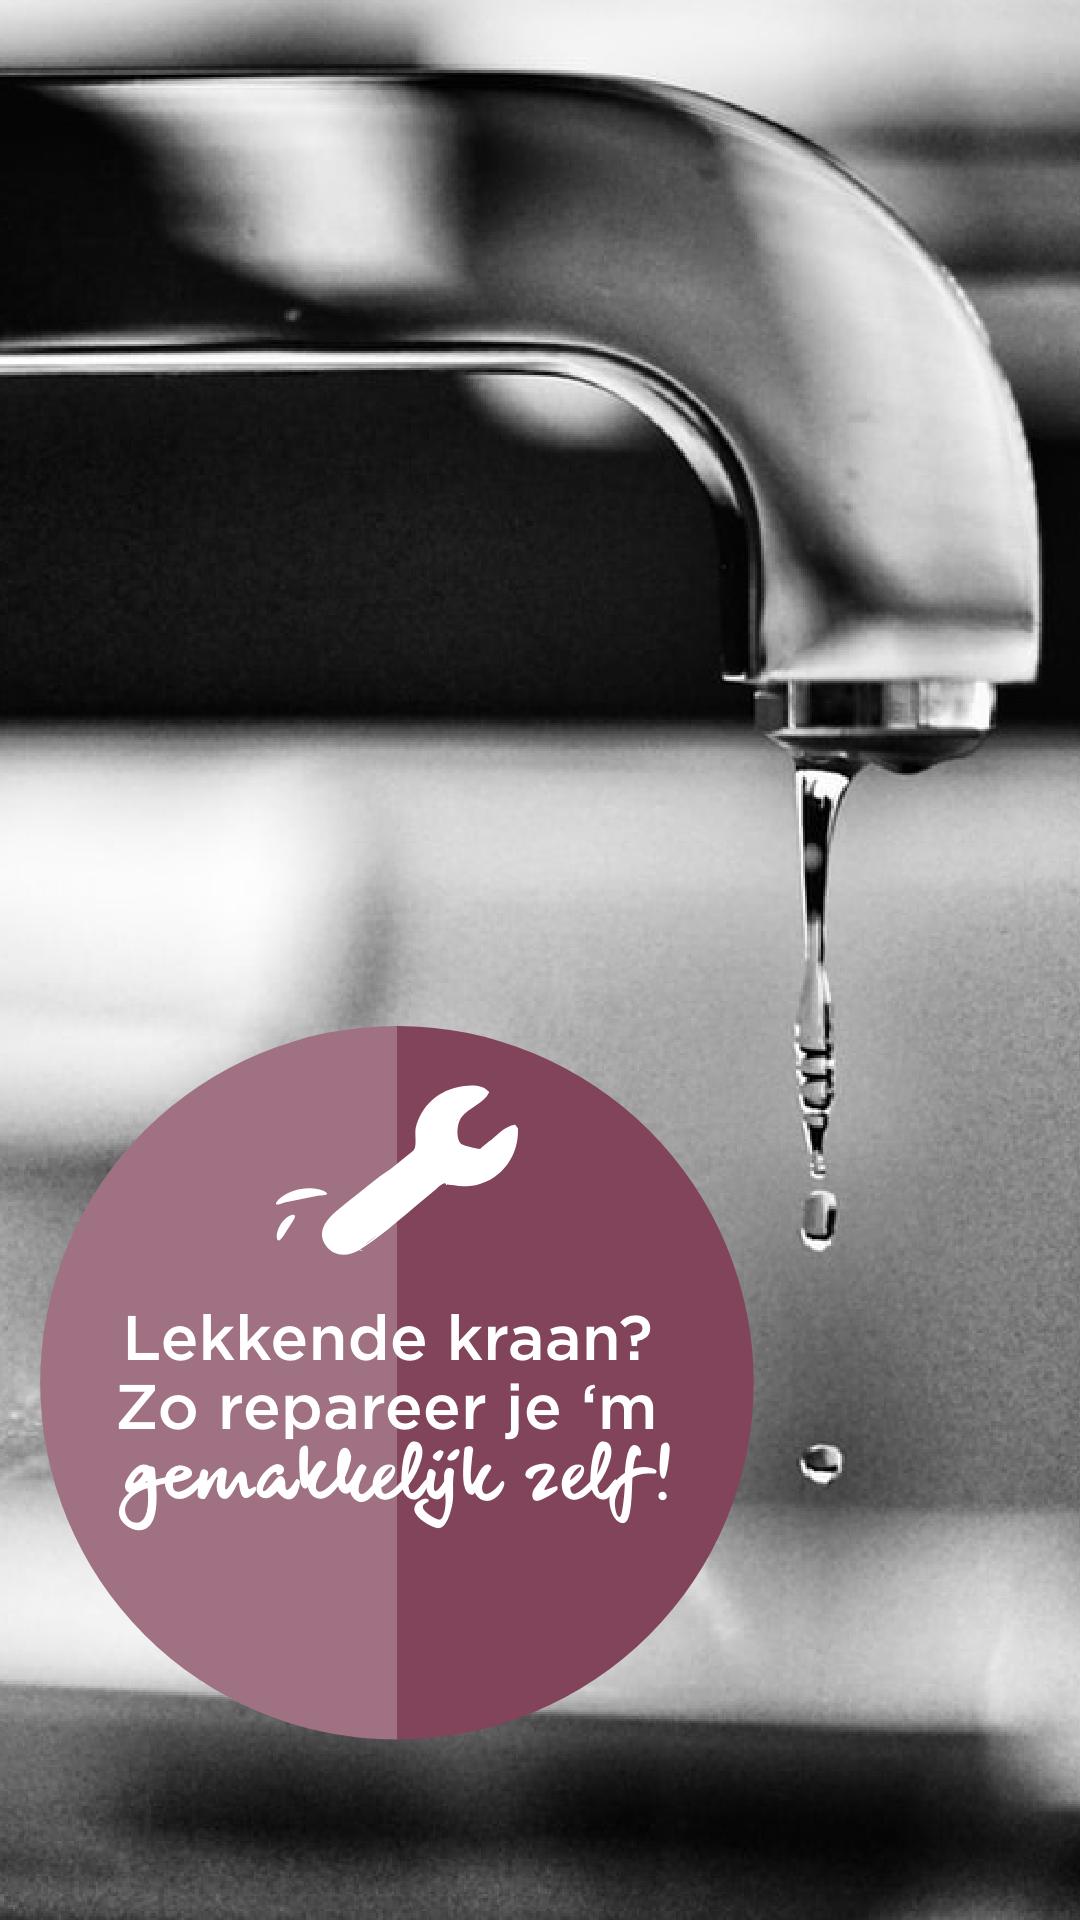 Lekkende Kraan Zo Repareer Je Hem Gemakkelijk Zelf Leaking Tap You Can Easily Repair It Yourself Kraan Tap Wastafel Sin Repareren Krans Vintage Spiegel